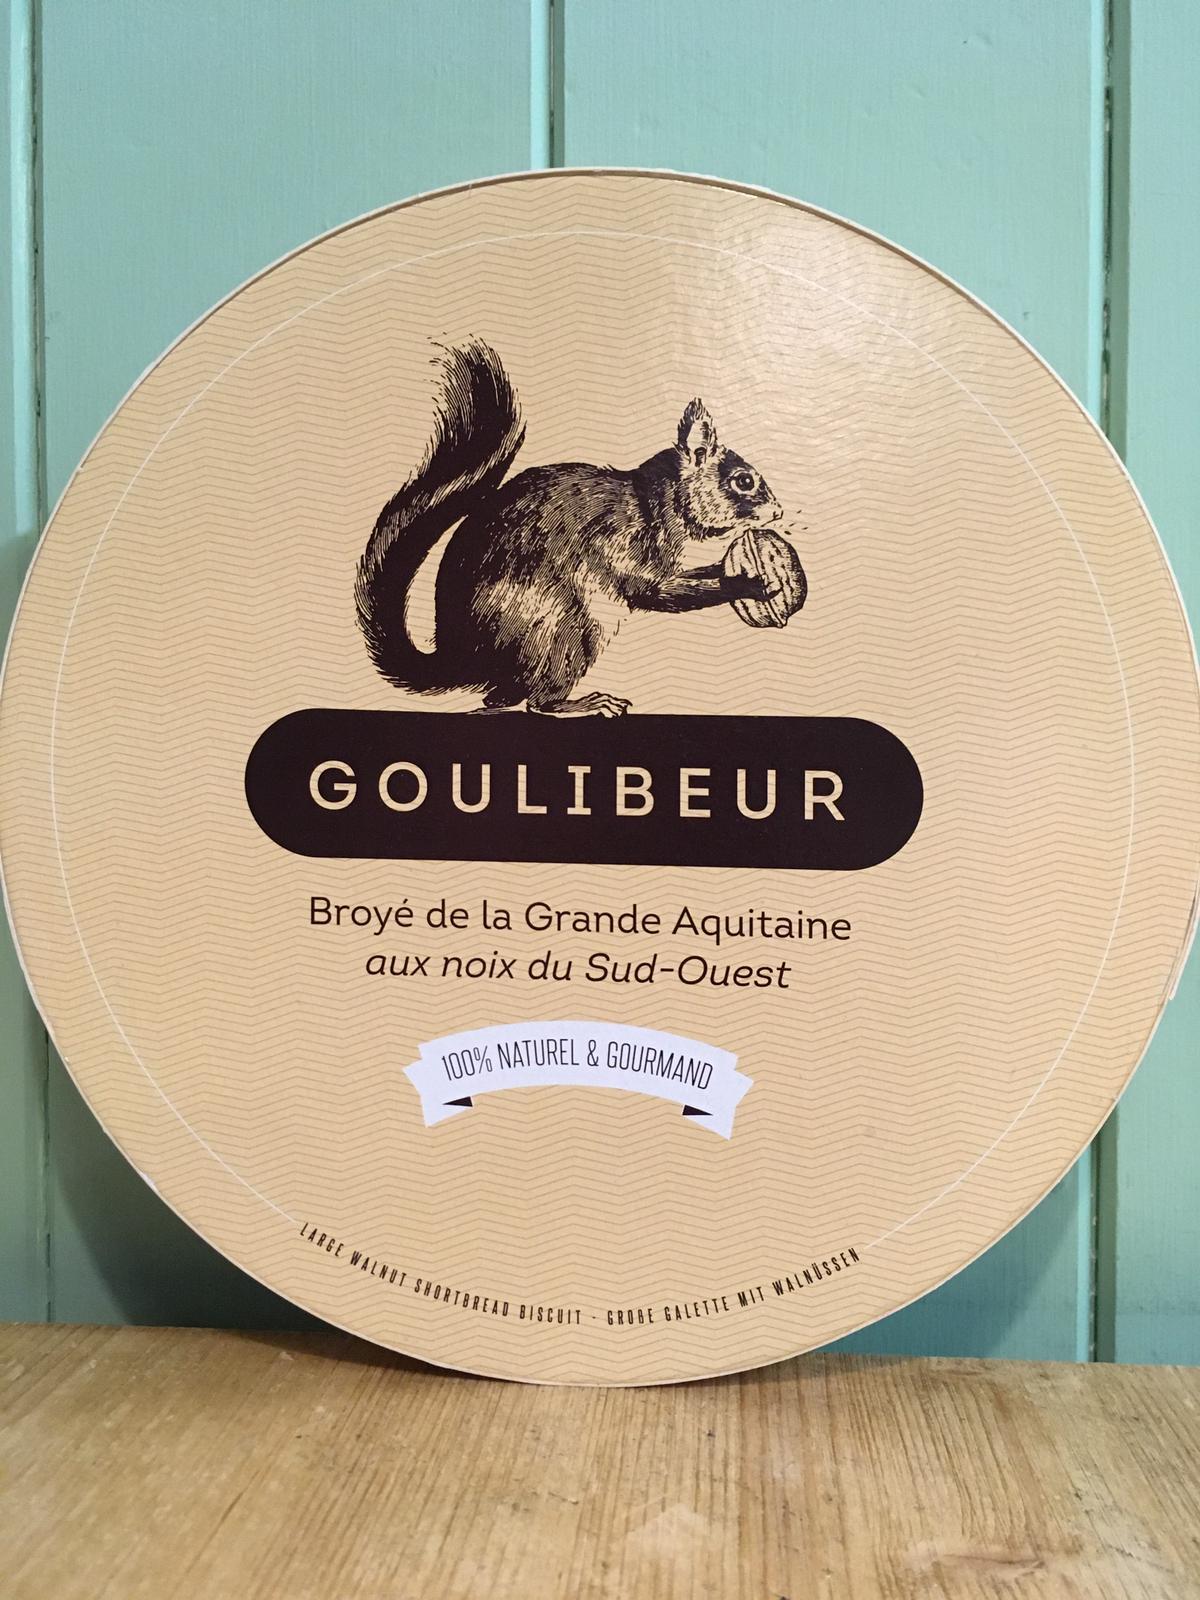 Goulibeur Broye de la Grande Aquitaine aux Noix du Sud-Ouest (Large Shortbread with French Walnuts) 280g